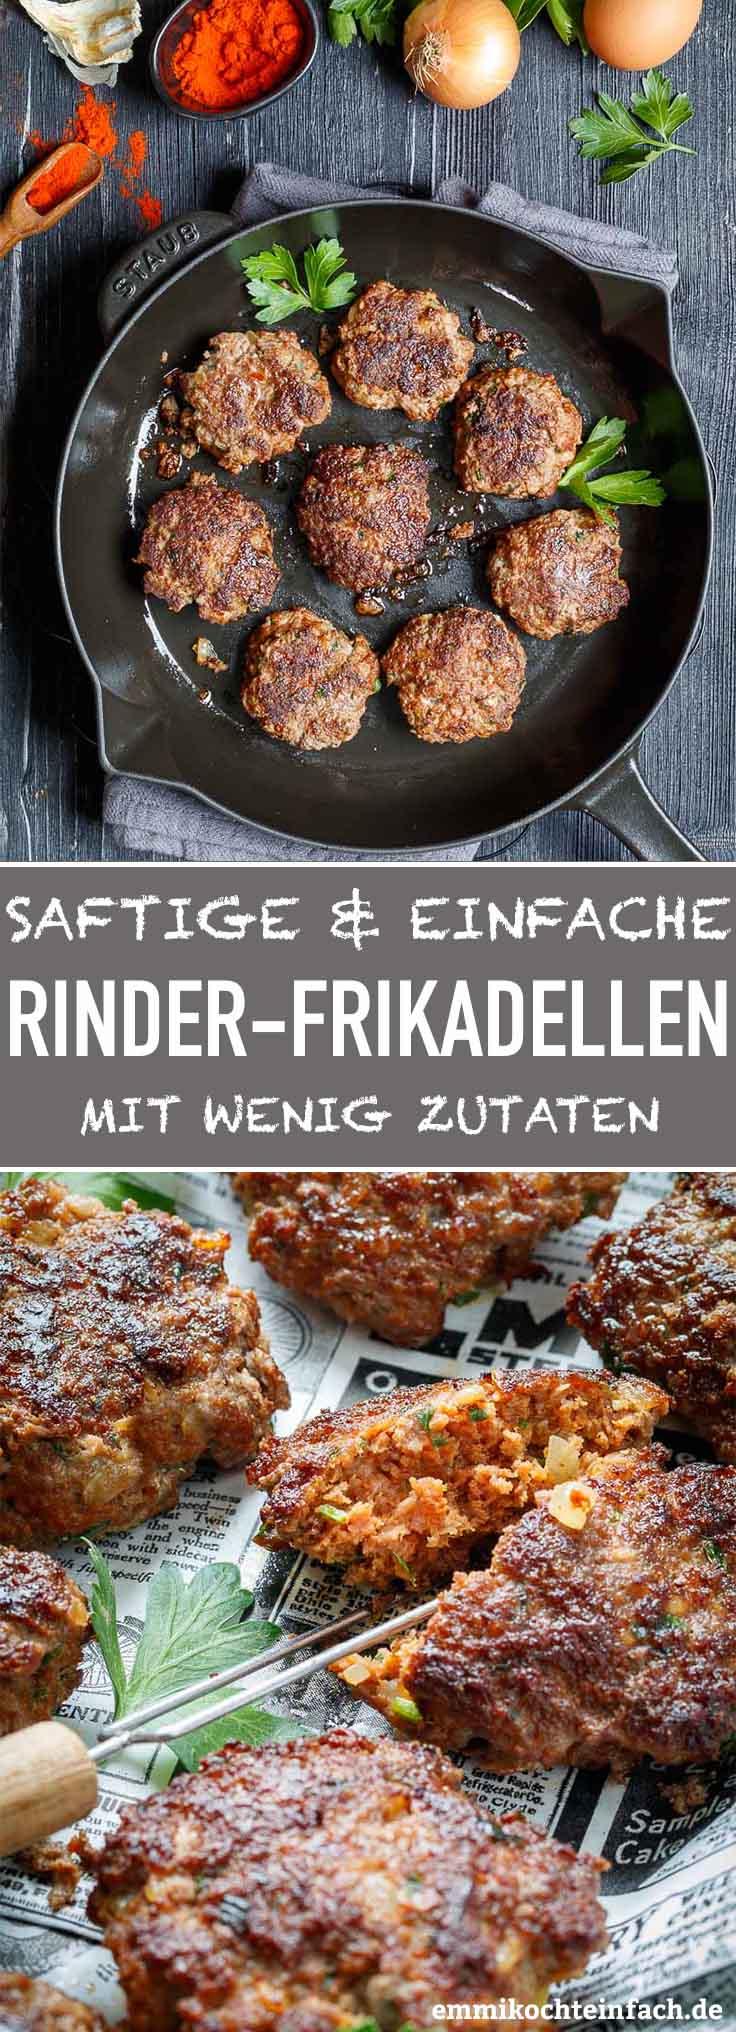 Mamas einfache Rinderfrikadellen - www.emmikochteinfach.de